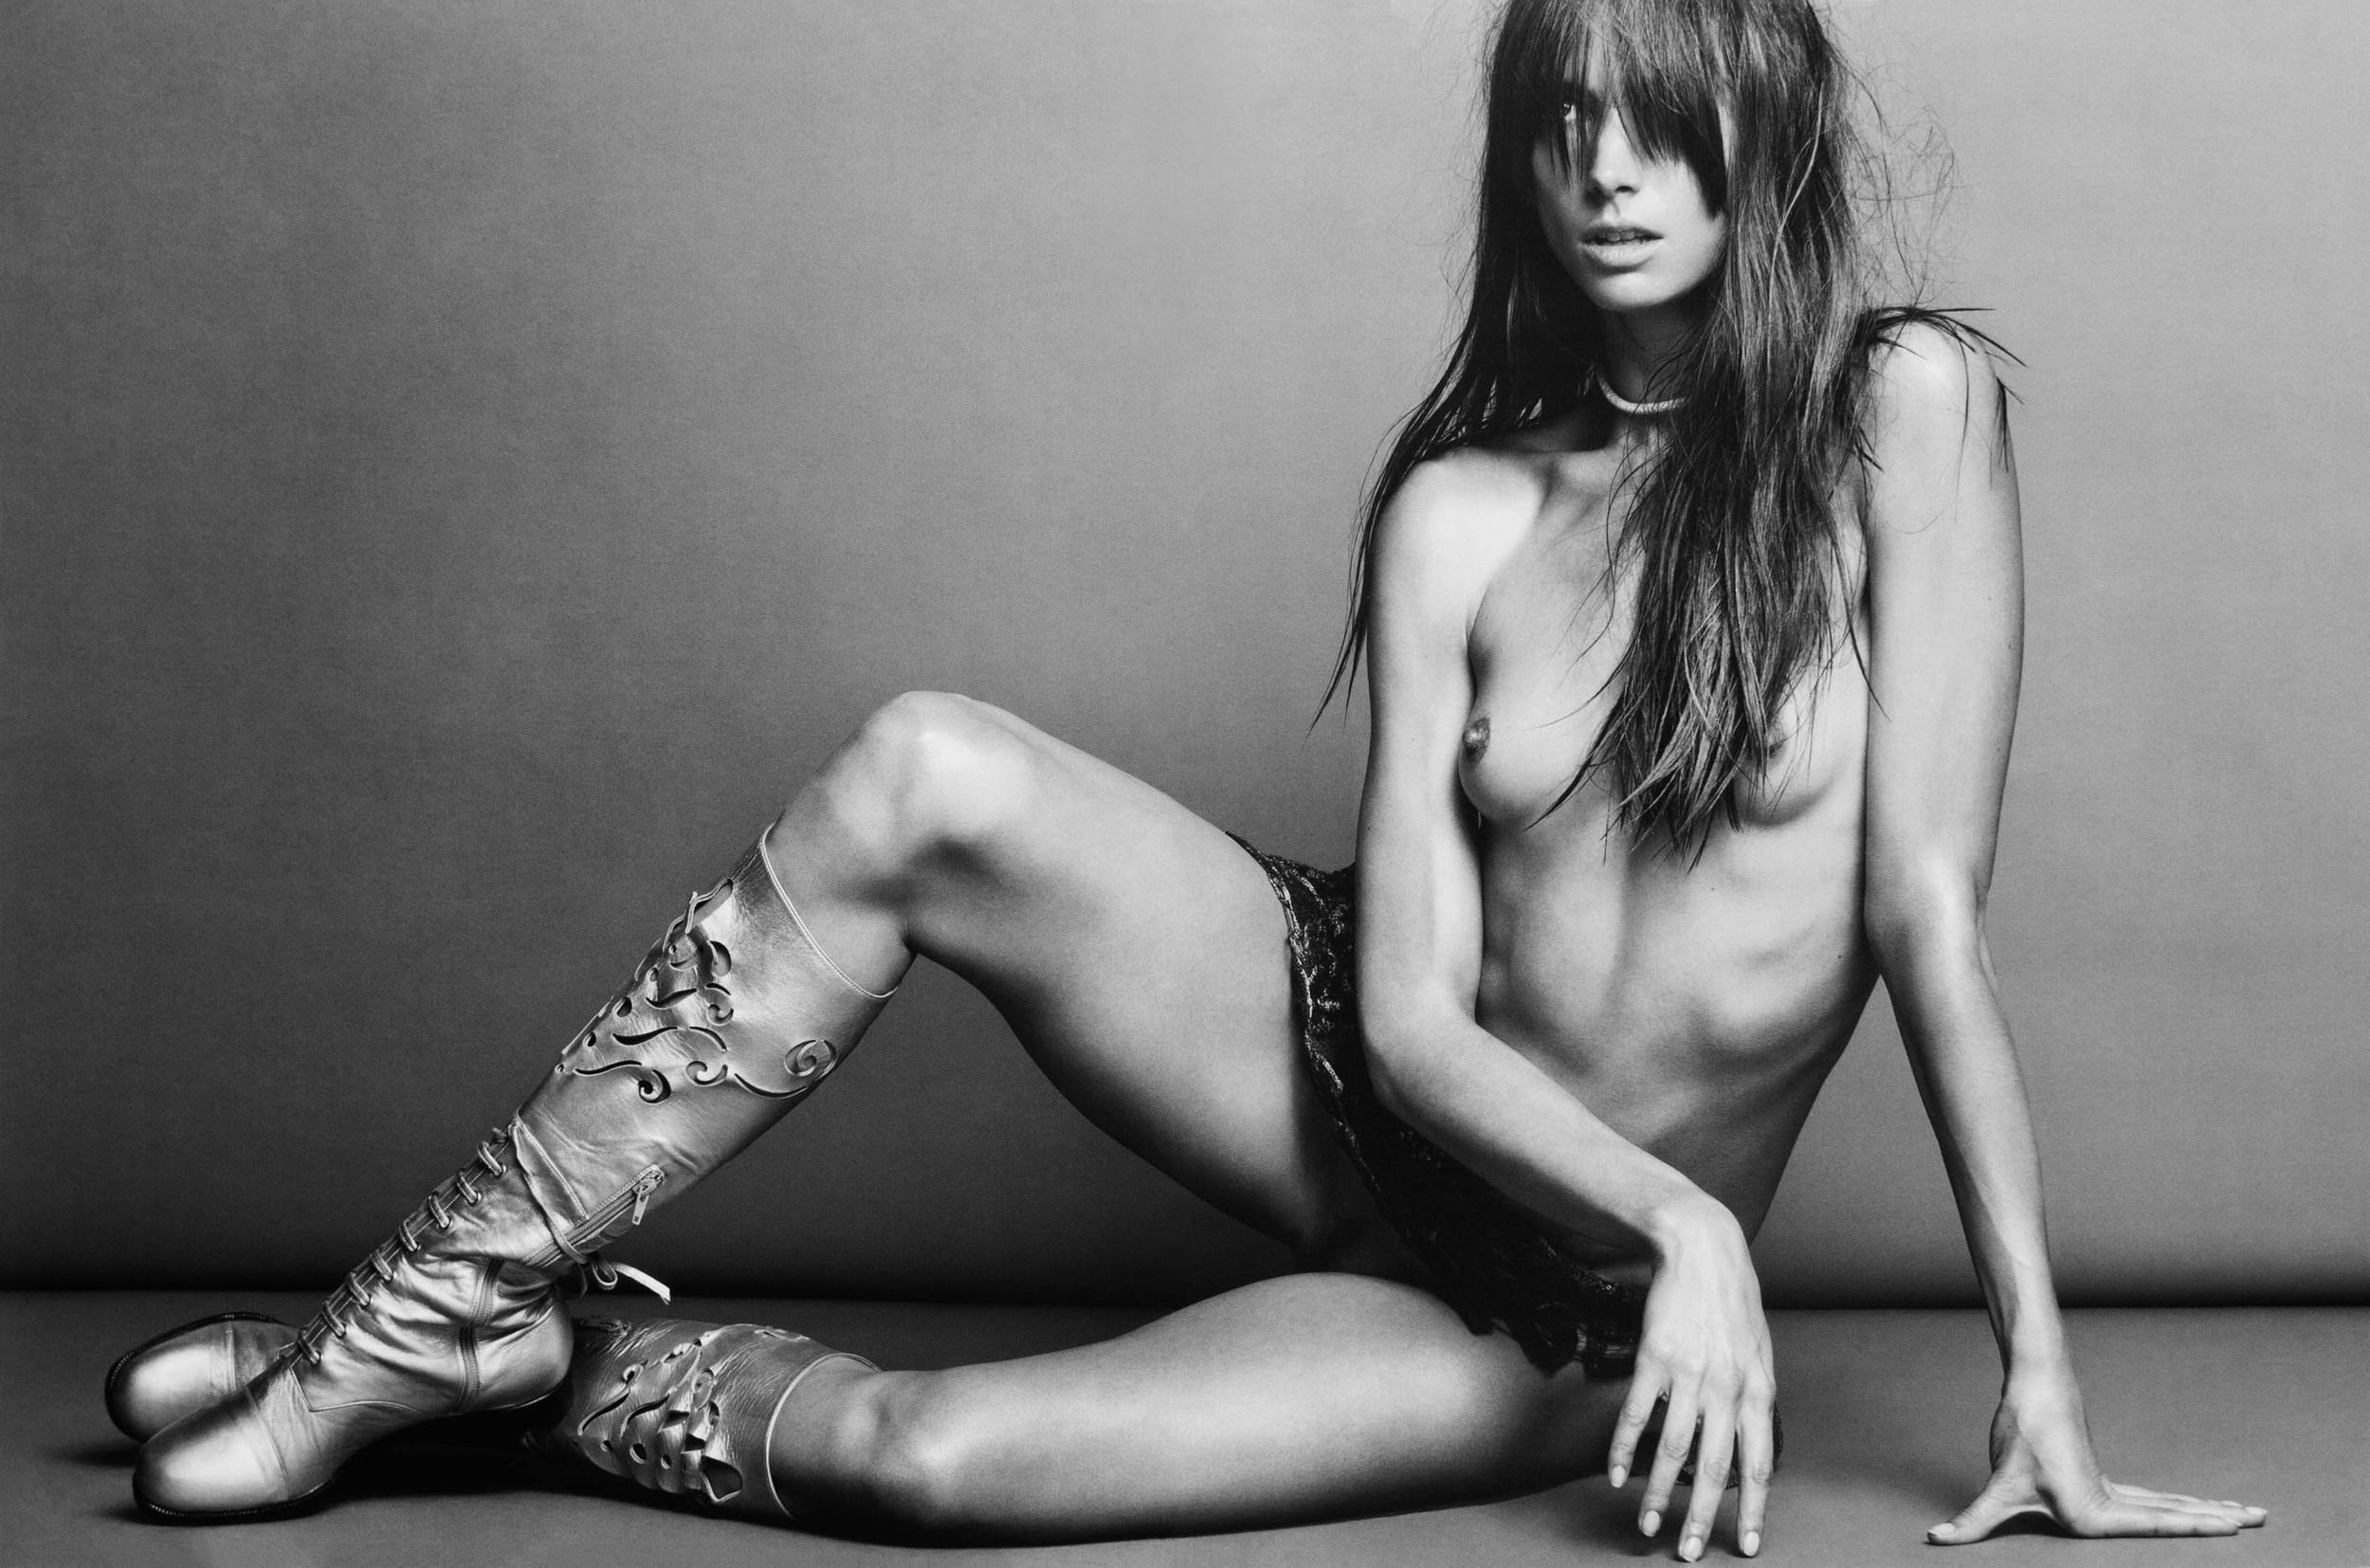 Jessica_Miller-Inez_Van_Lamsweerde-Vinoodh_Matadin-03.jpg